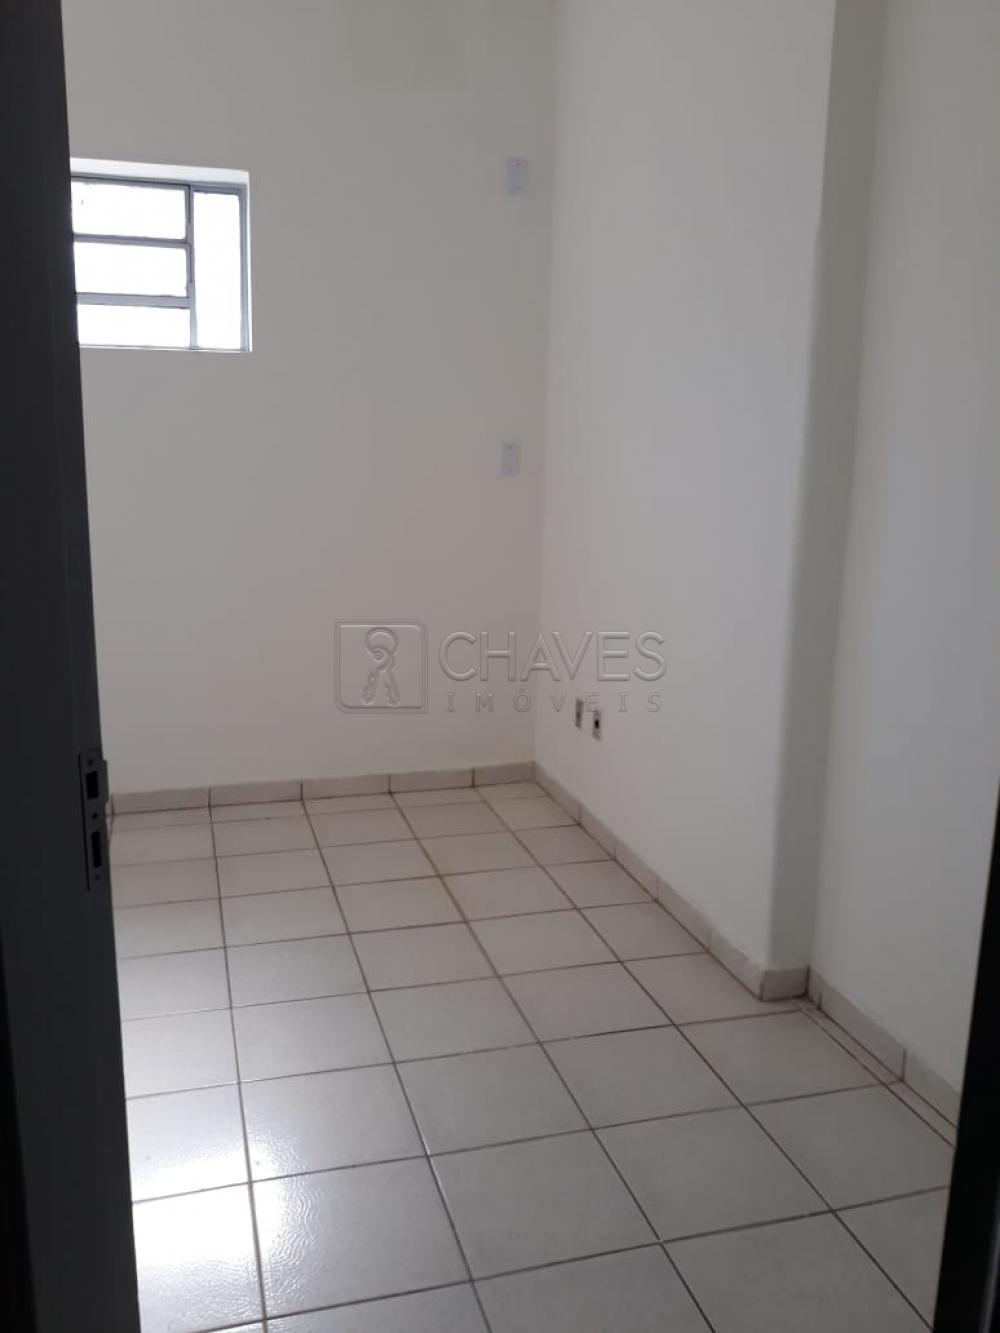 Alugar Comercial / Salão em Ribeirão Preto apenas R$ 900,00 - Foto 7